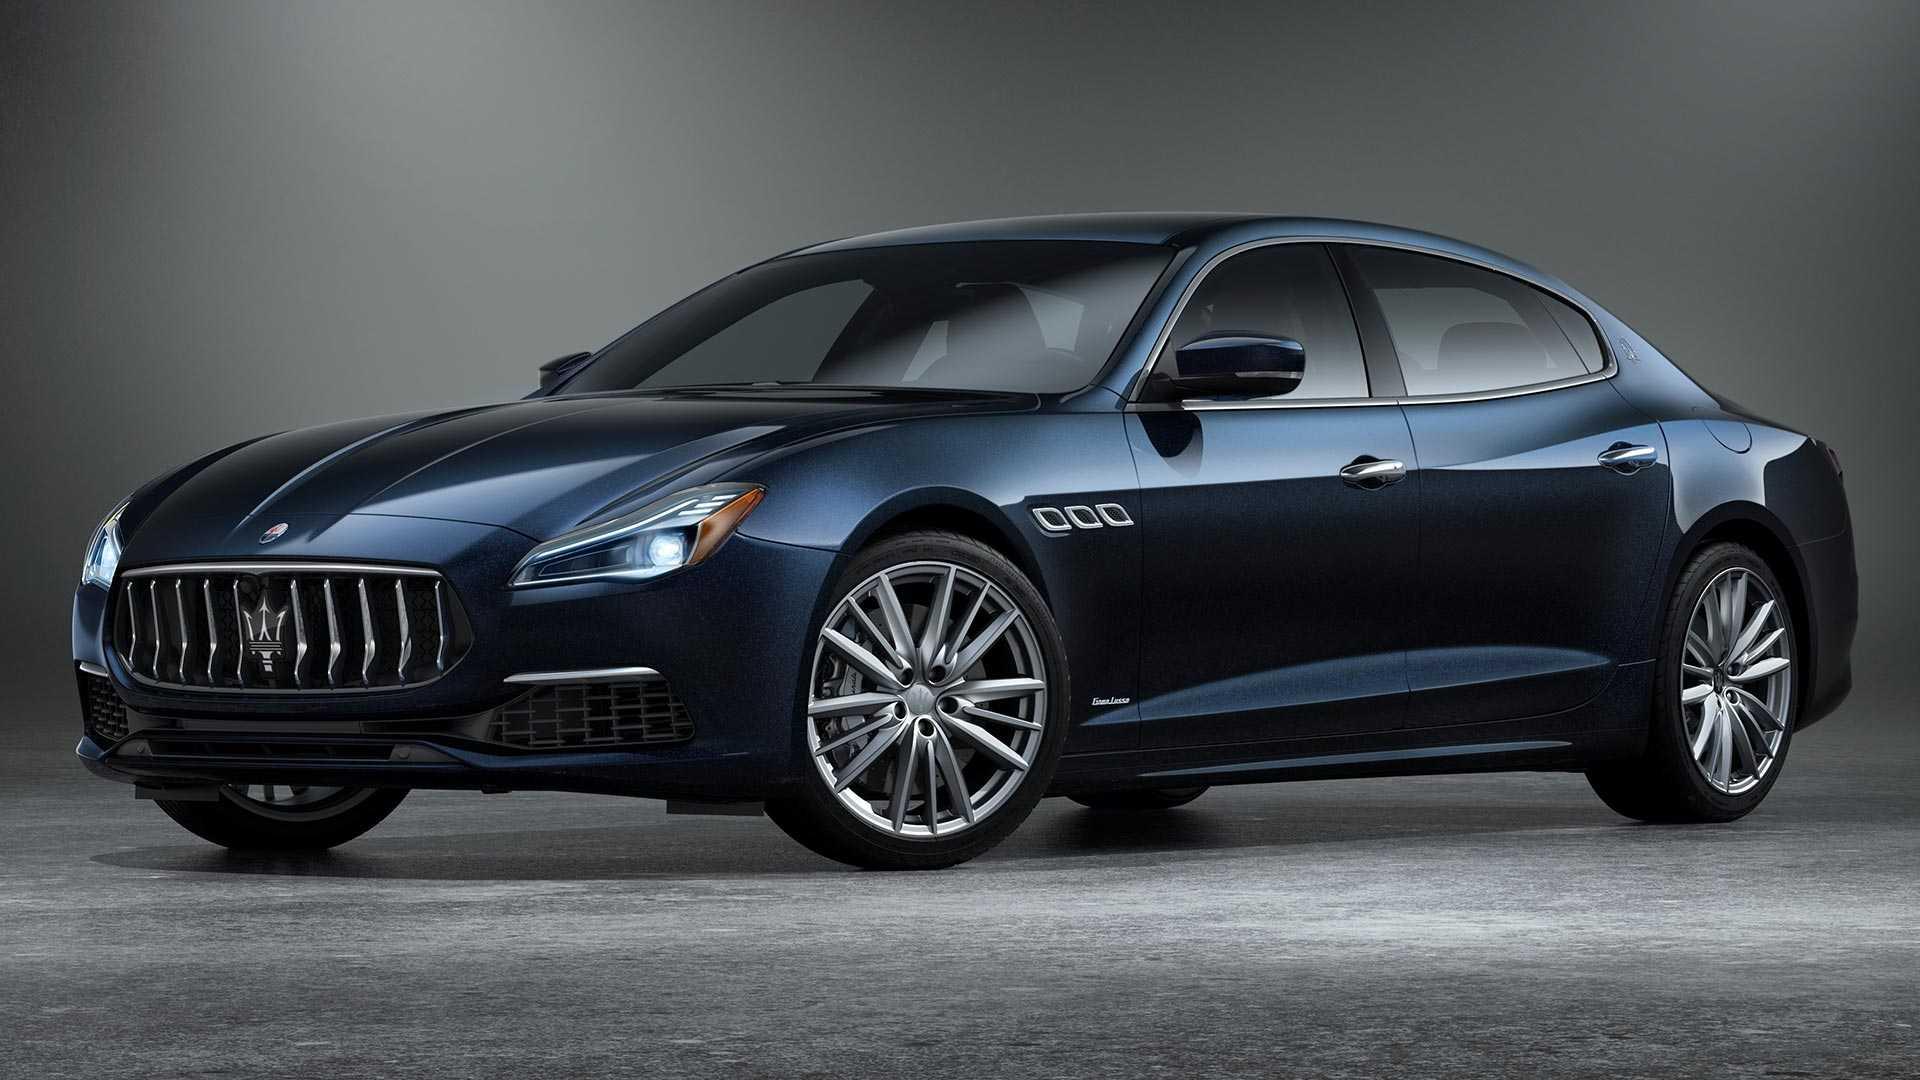 Maserati_Quattroporte_Edizione_Nobile_package_0000